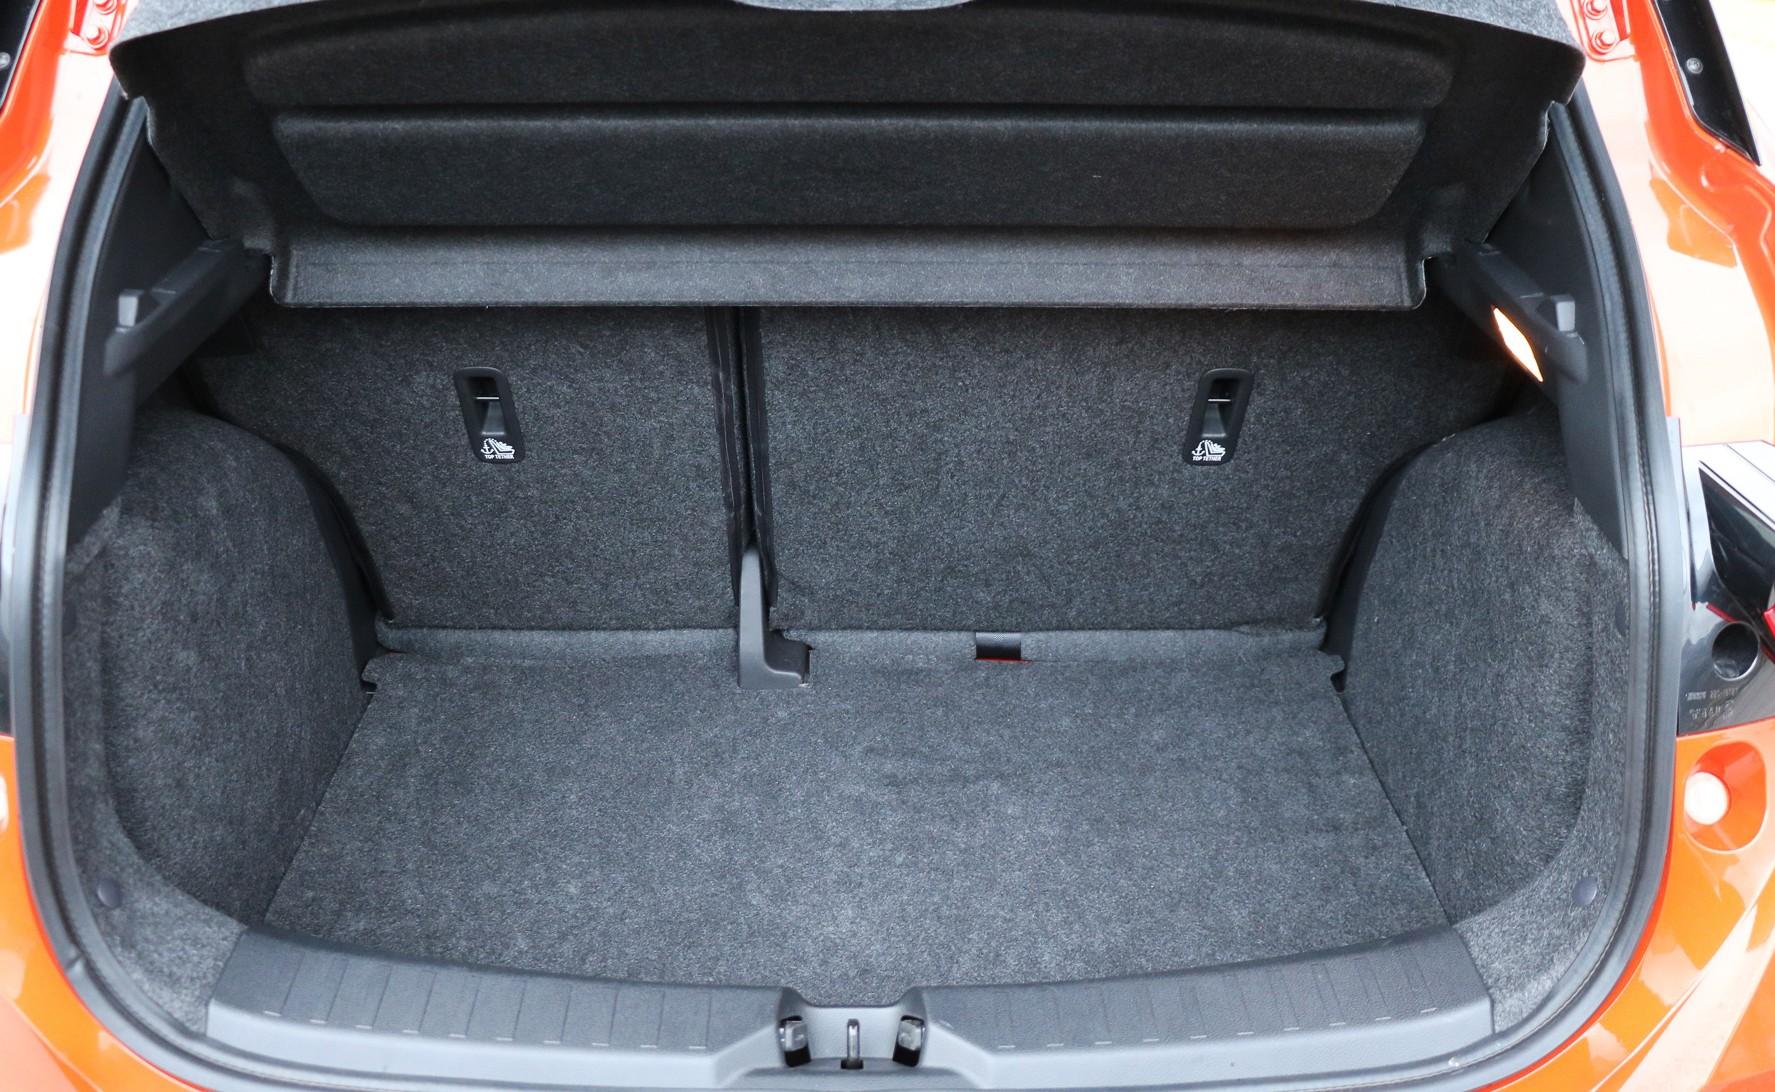 kleinwagen mit großem kofferraum